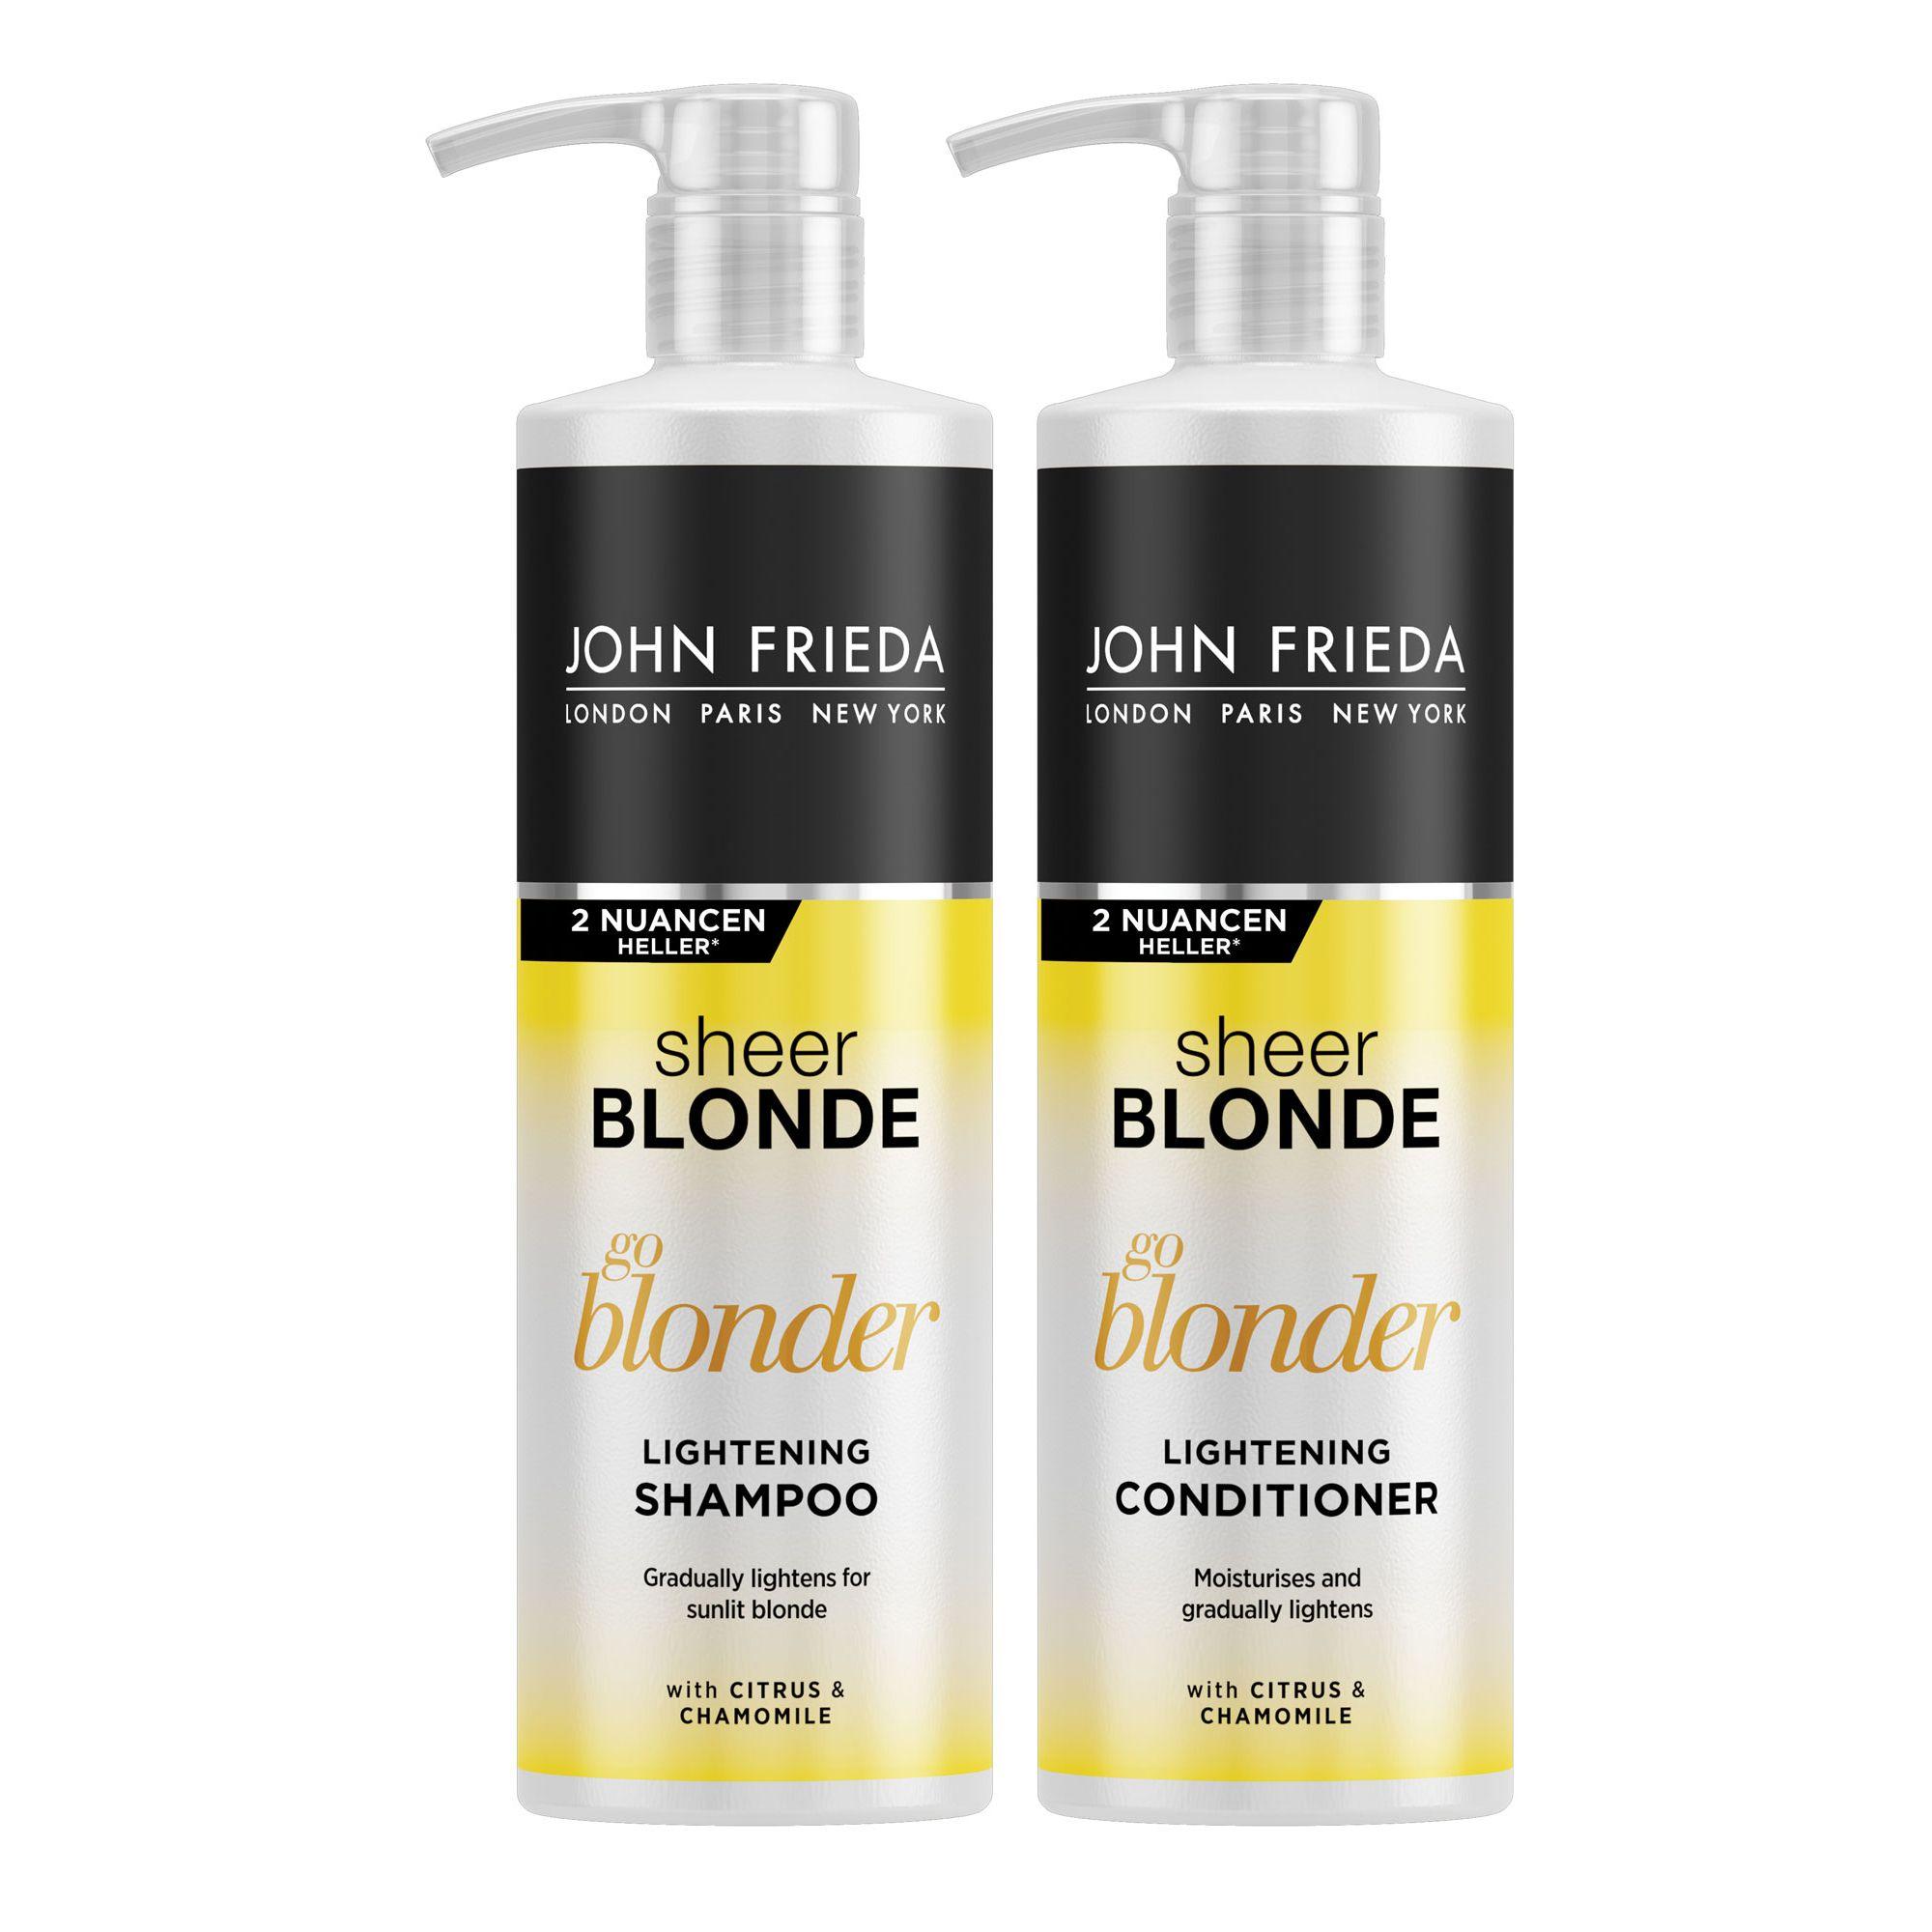 JOHN FRIEDA Go Blonder Shampoo 500ml Conditioner 500ml Sondergrößen